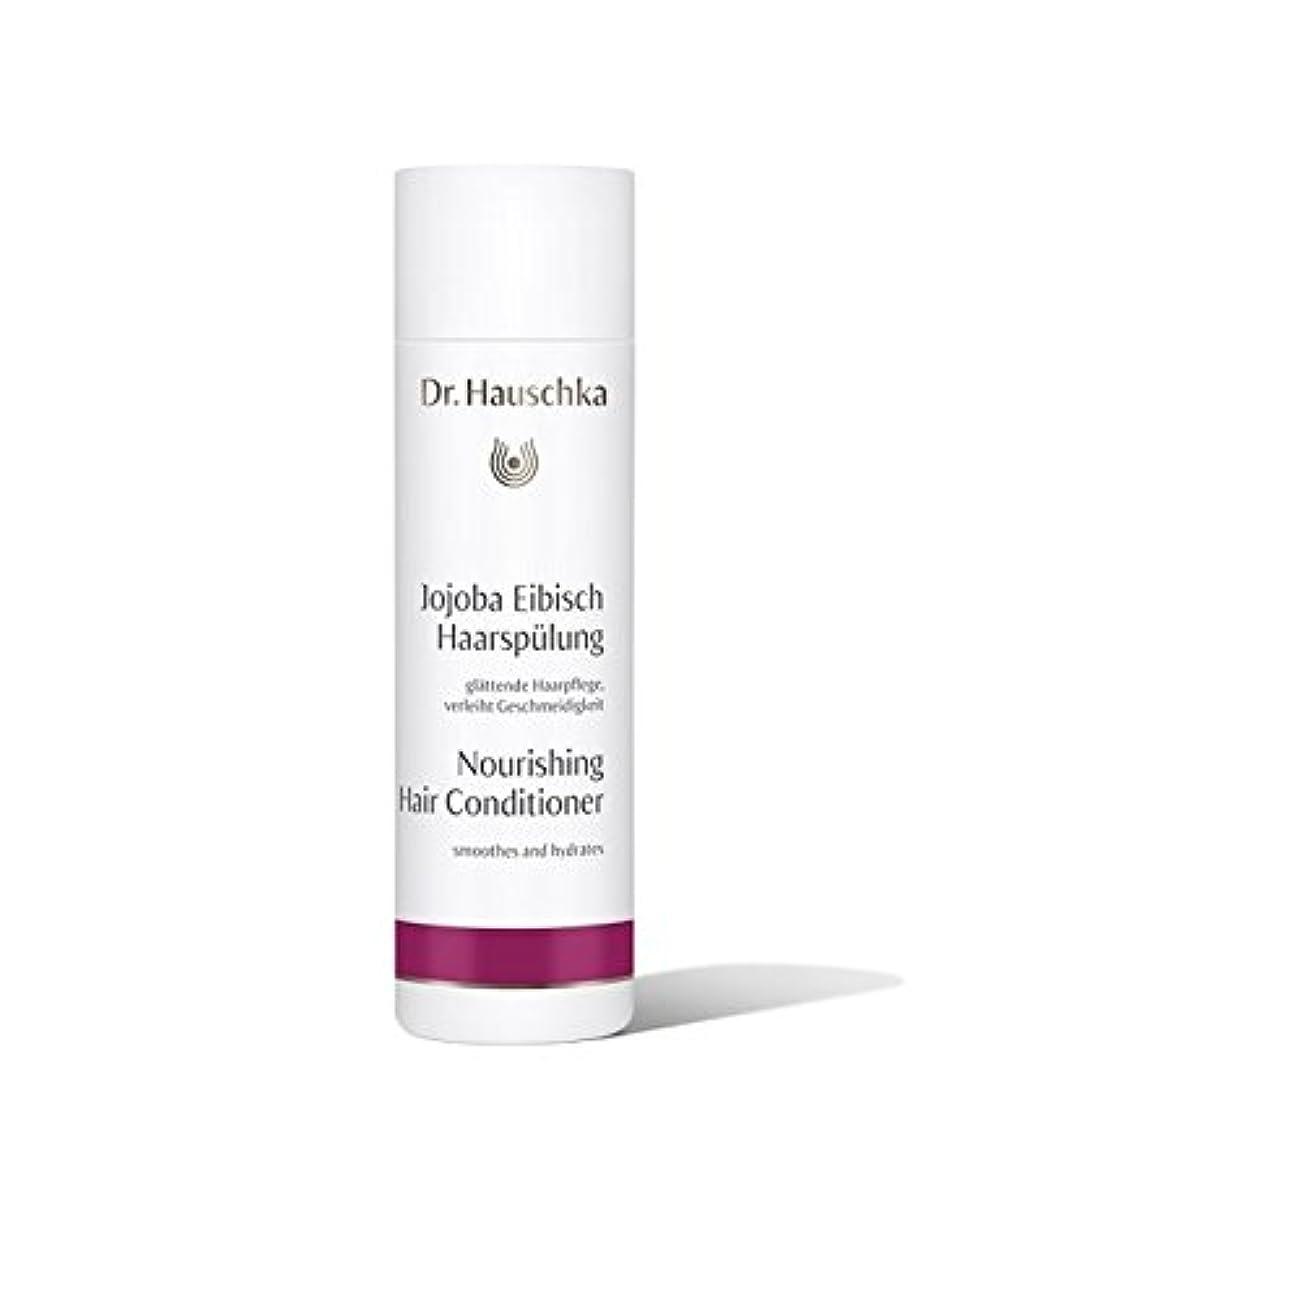 闘争解決北米ハウシュカ栄養ヘアコンディショナー(200ミリリットル) x4 - Dr. Hauschka Nourishing Hair Conditioner (200ml) (Pack of 4) [並行輸入品]